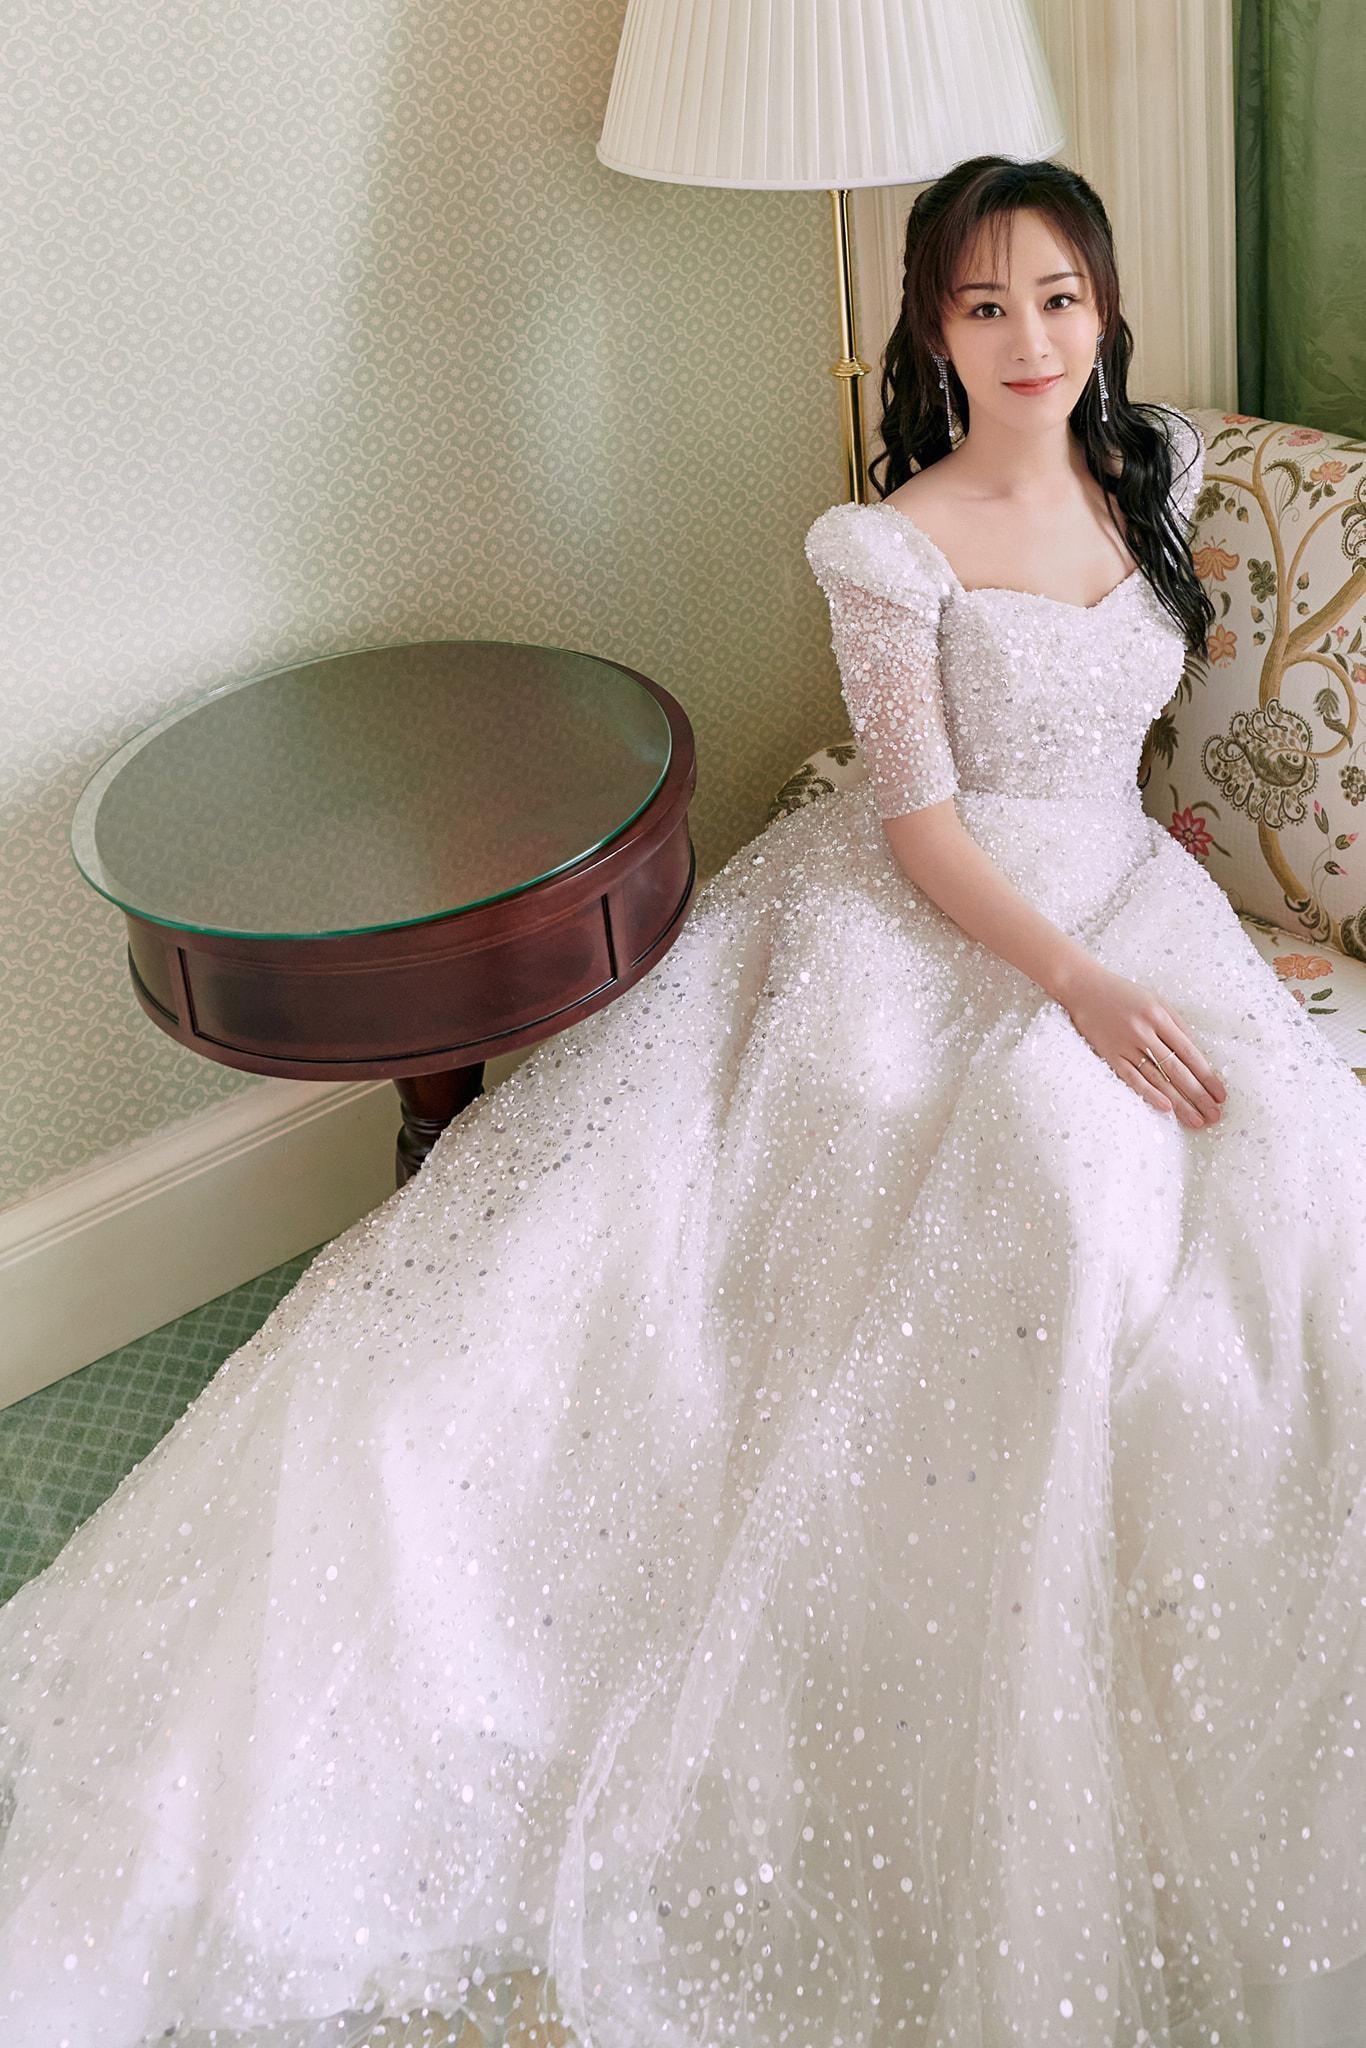 """Sau tất cả, Dương Tử cũng đã tìm thấy kiểu váy chân ái, được khen """"lộng lẫy như công chúa"""" ảnh 5"""